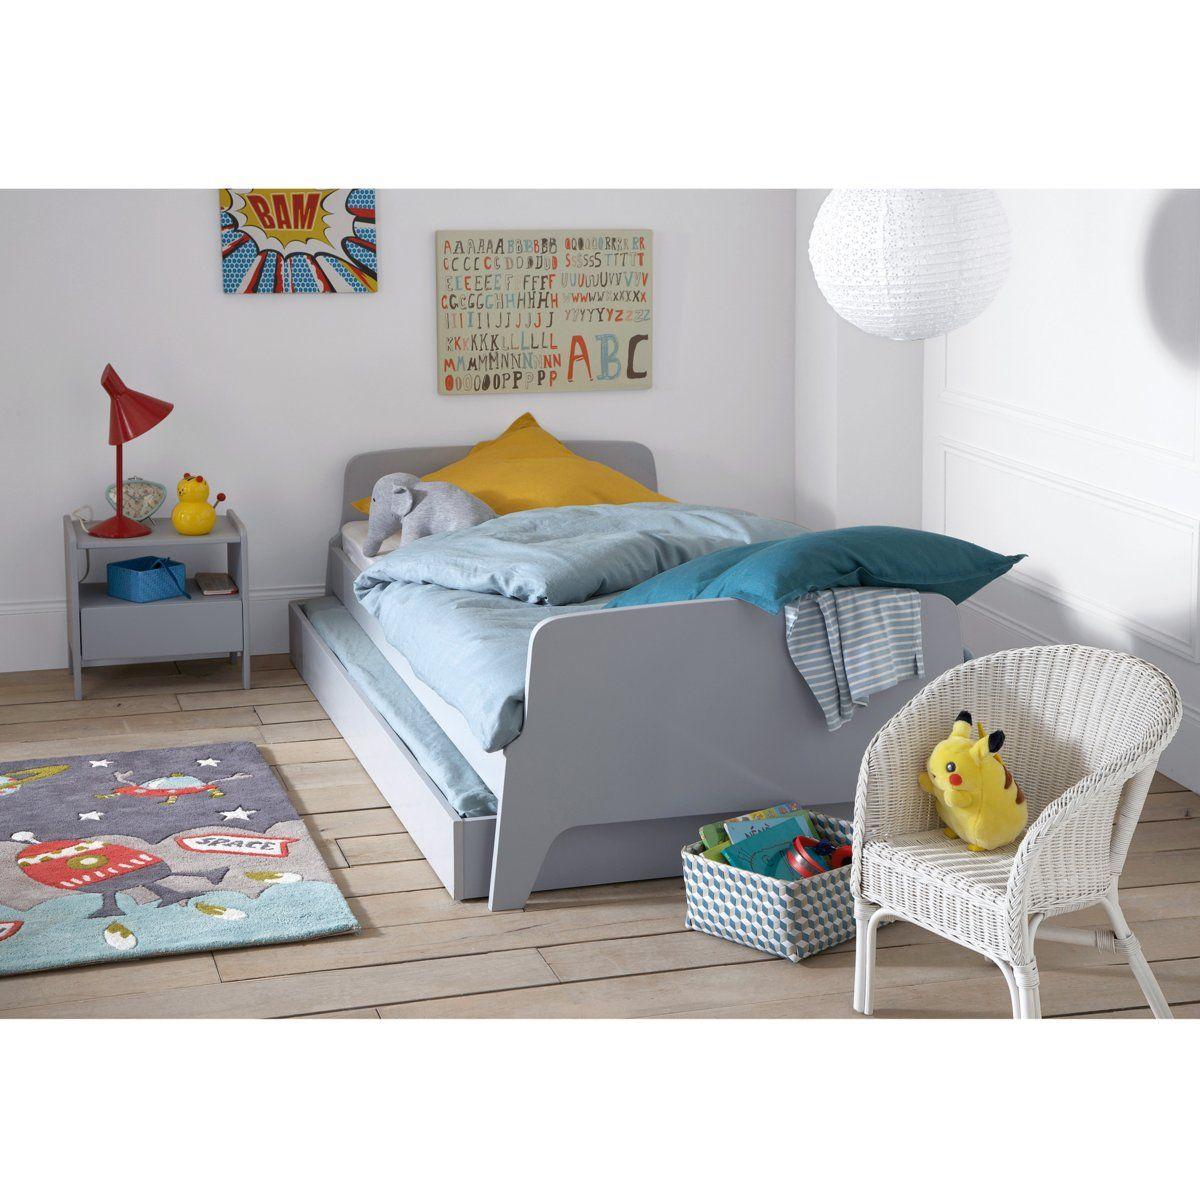 Tiroir Lit Style Retro Vintage 1 Personne Adil Idees De Lit Decoration Chambre Enfant Style Retro